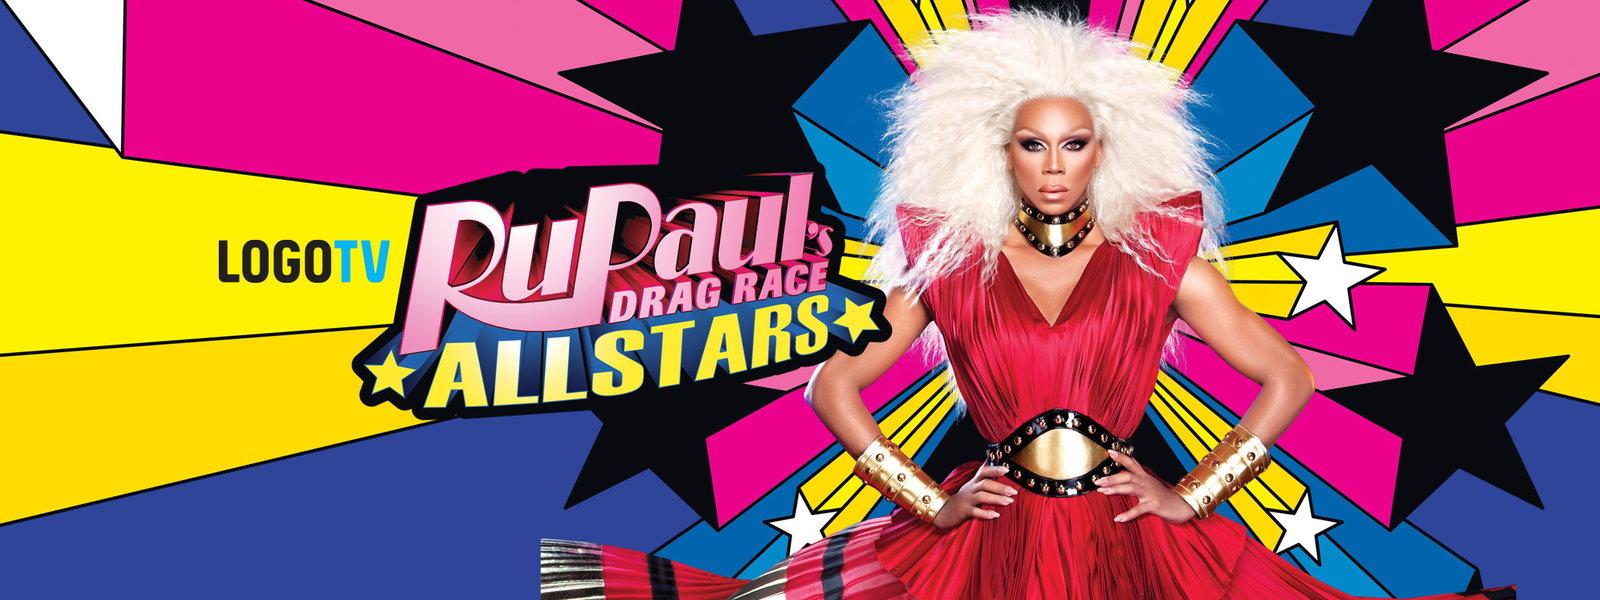 Drag Race: All Stars - Season 2 Announced!